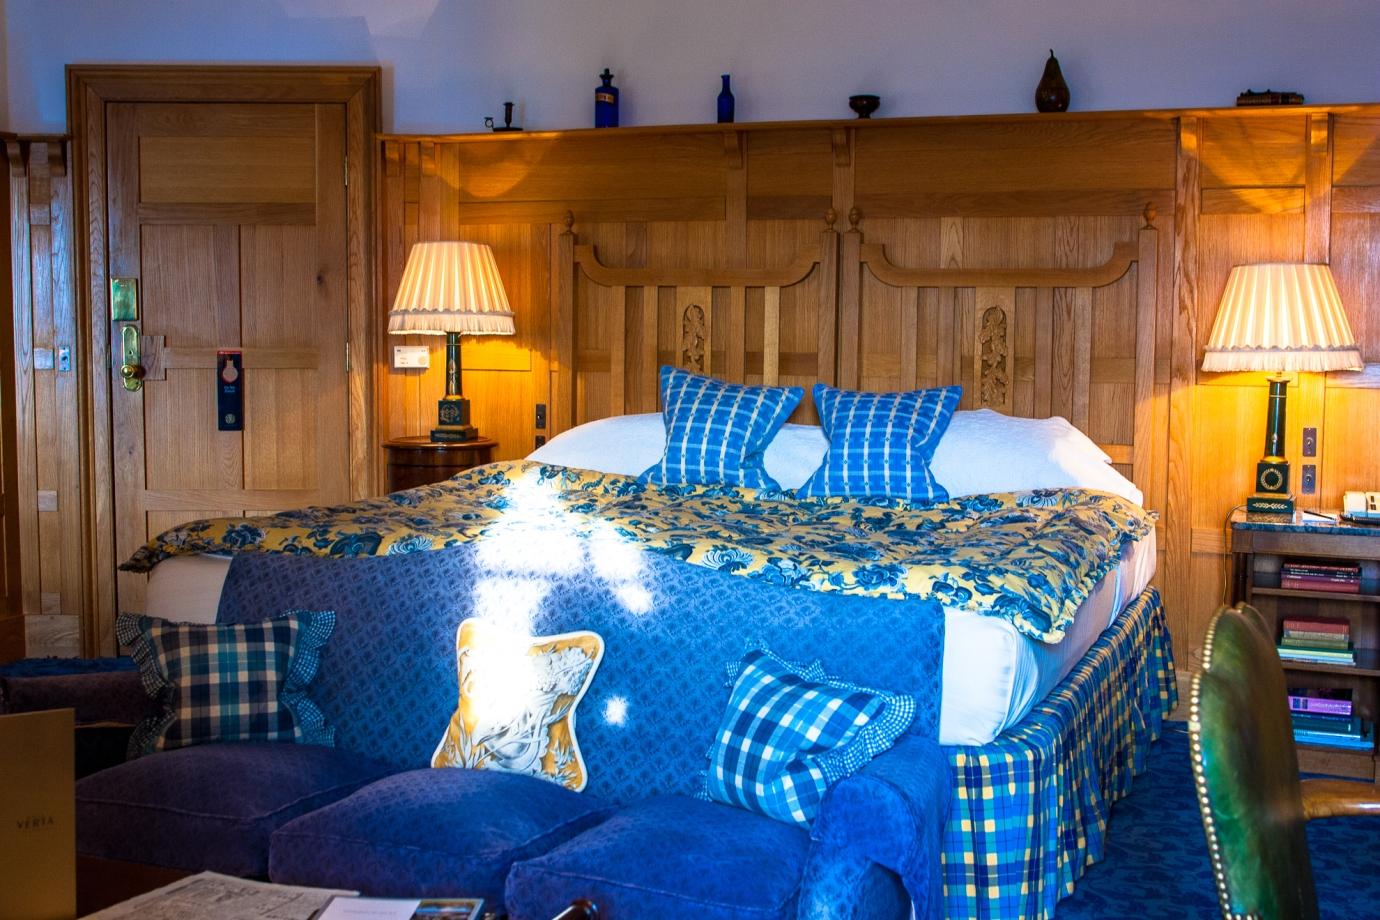 Hotel Cliveden , Taplow , Berkshire